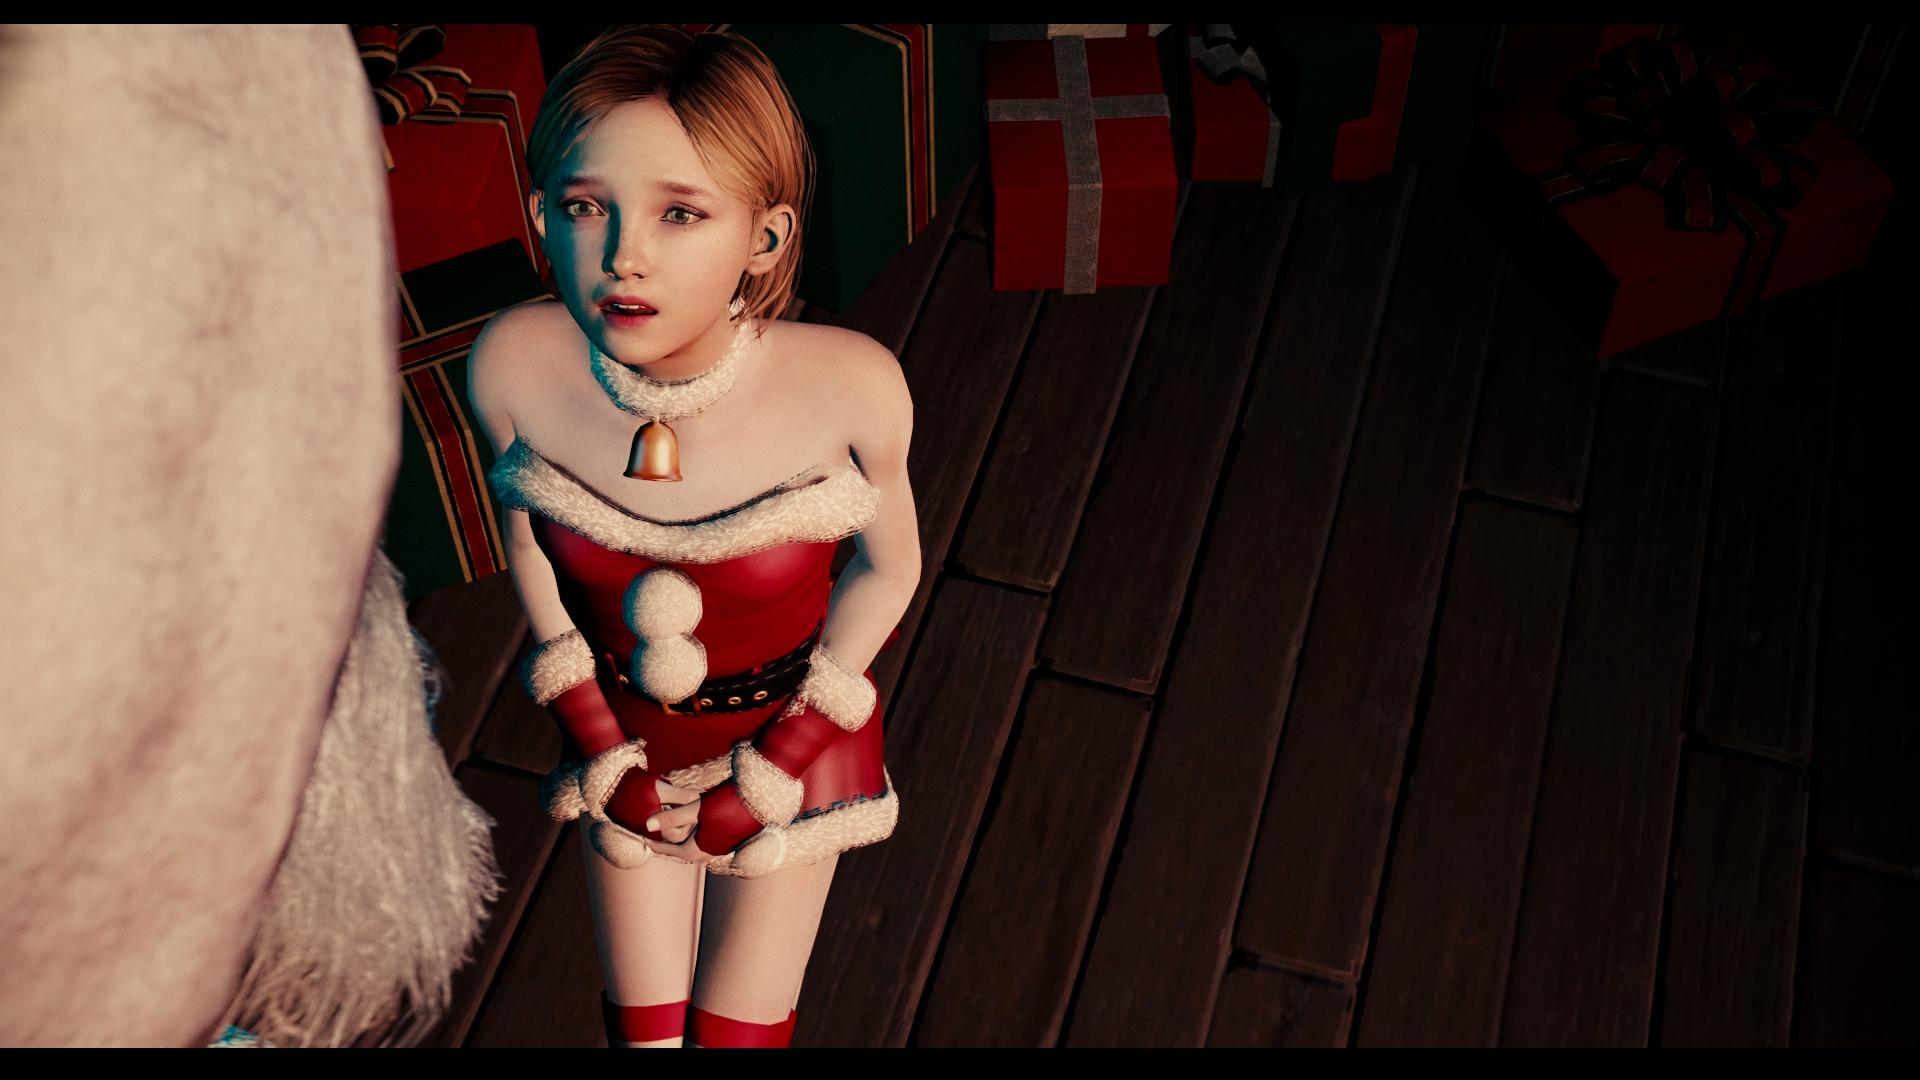 Sarah x Santa (~7min)